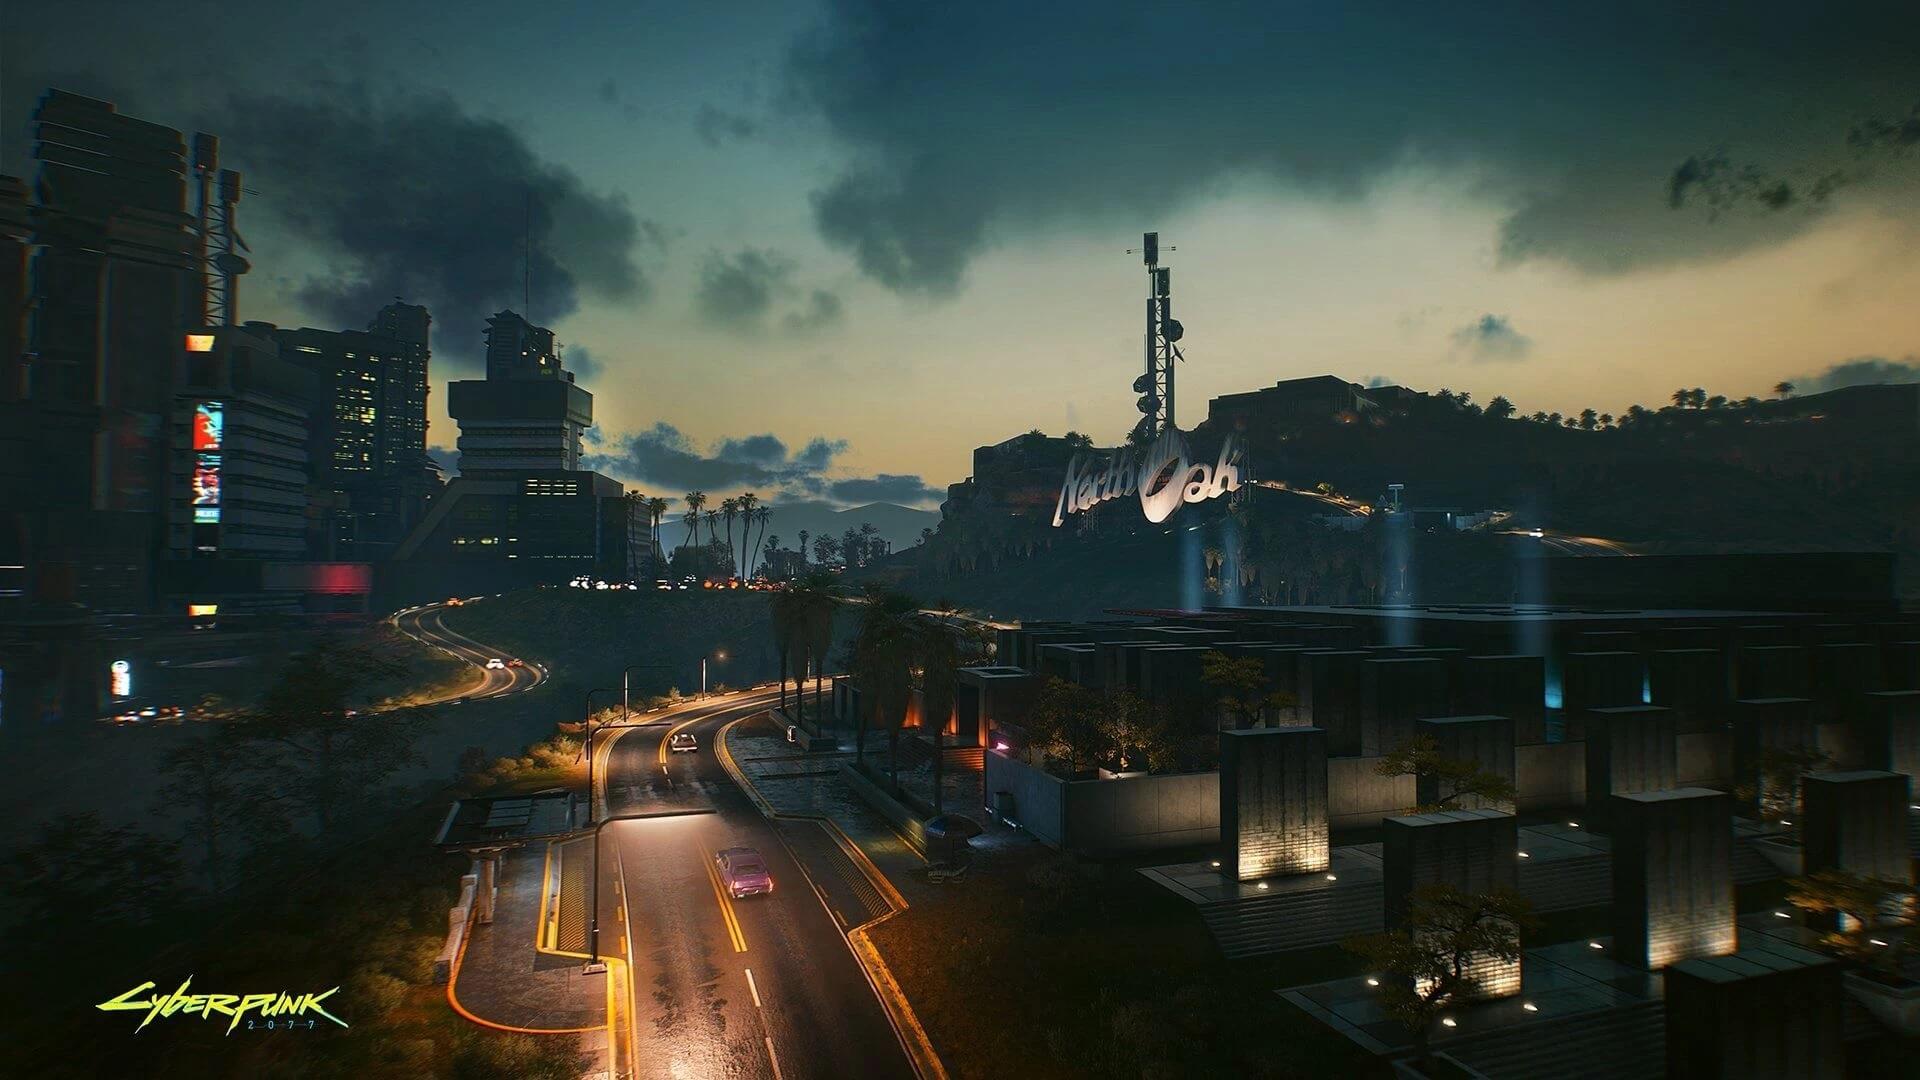 Night City Wire #5, czyli kolejny pokaz Cyberpunk 2077, ju¿ dzi¶